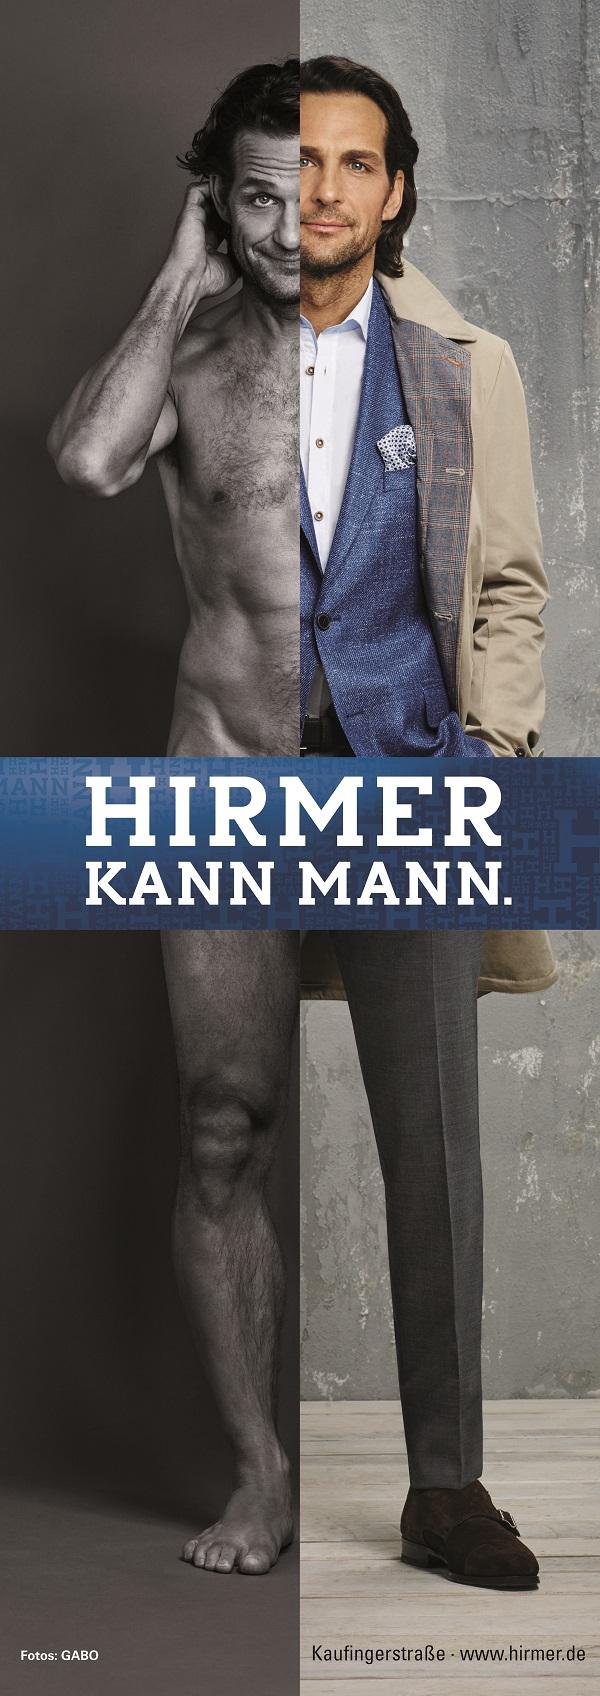 hirmer-herrenmode-4